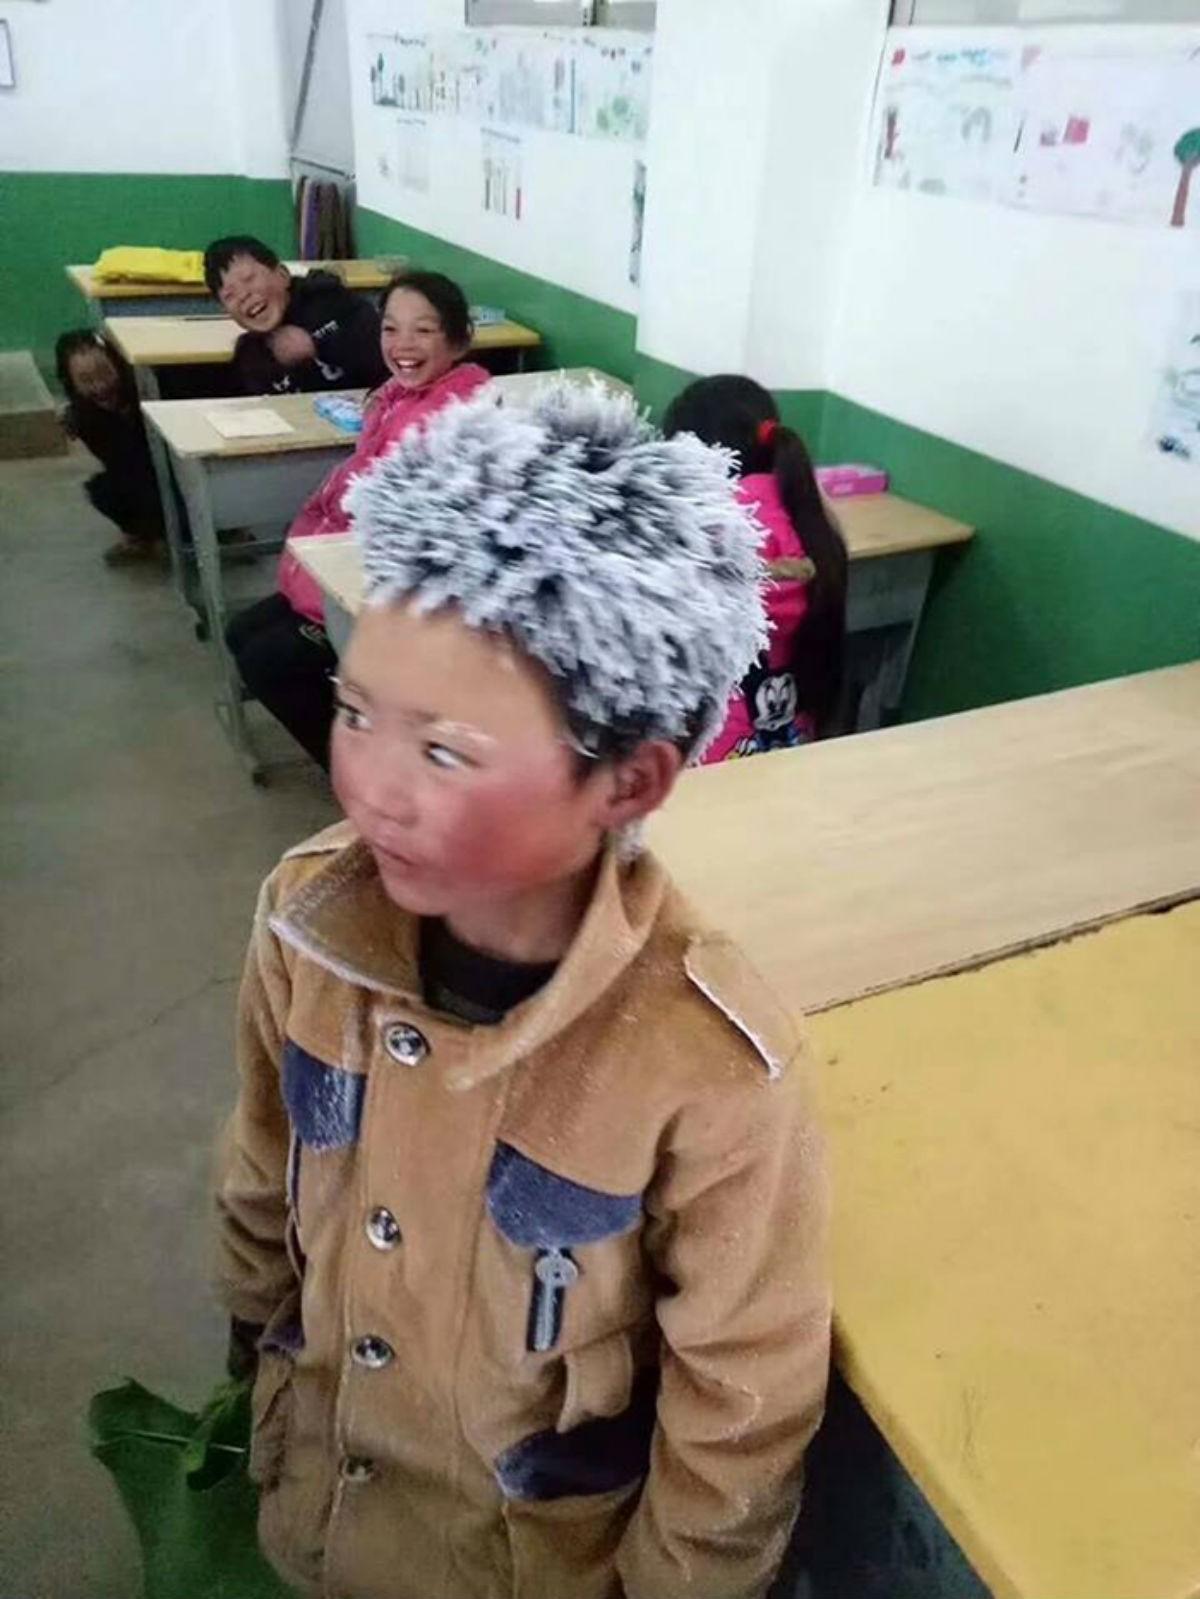 Мальчик пришёл в школу с обледенелыми волосами на голове, когда учитель подошёл к нему, его сердце остановилось